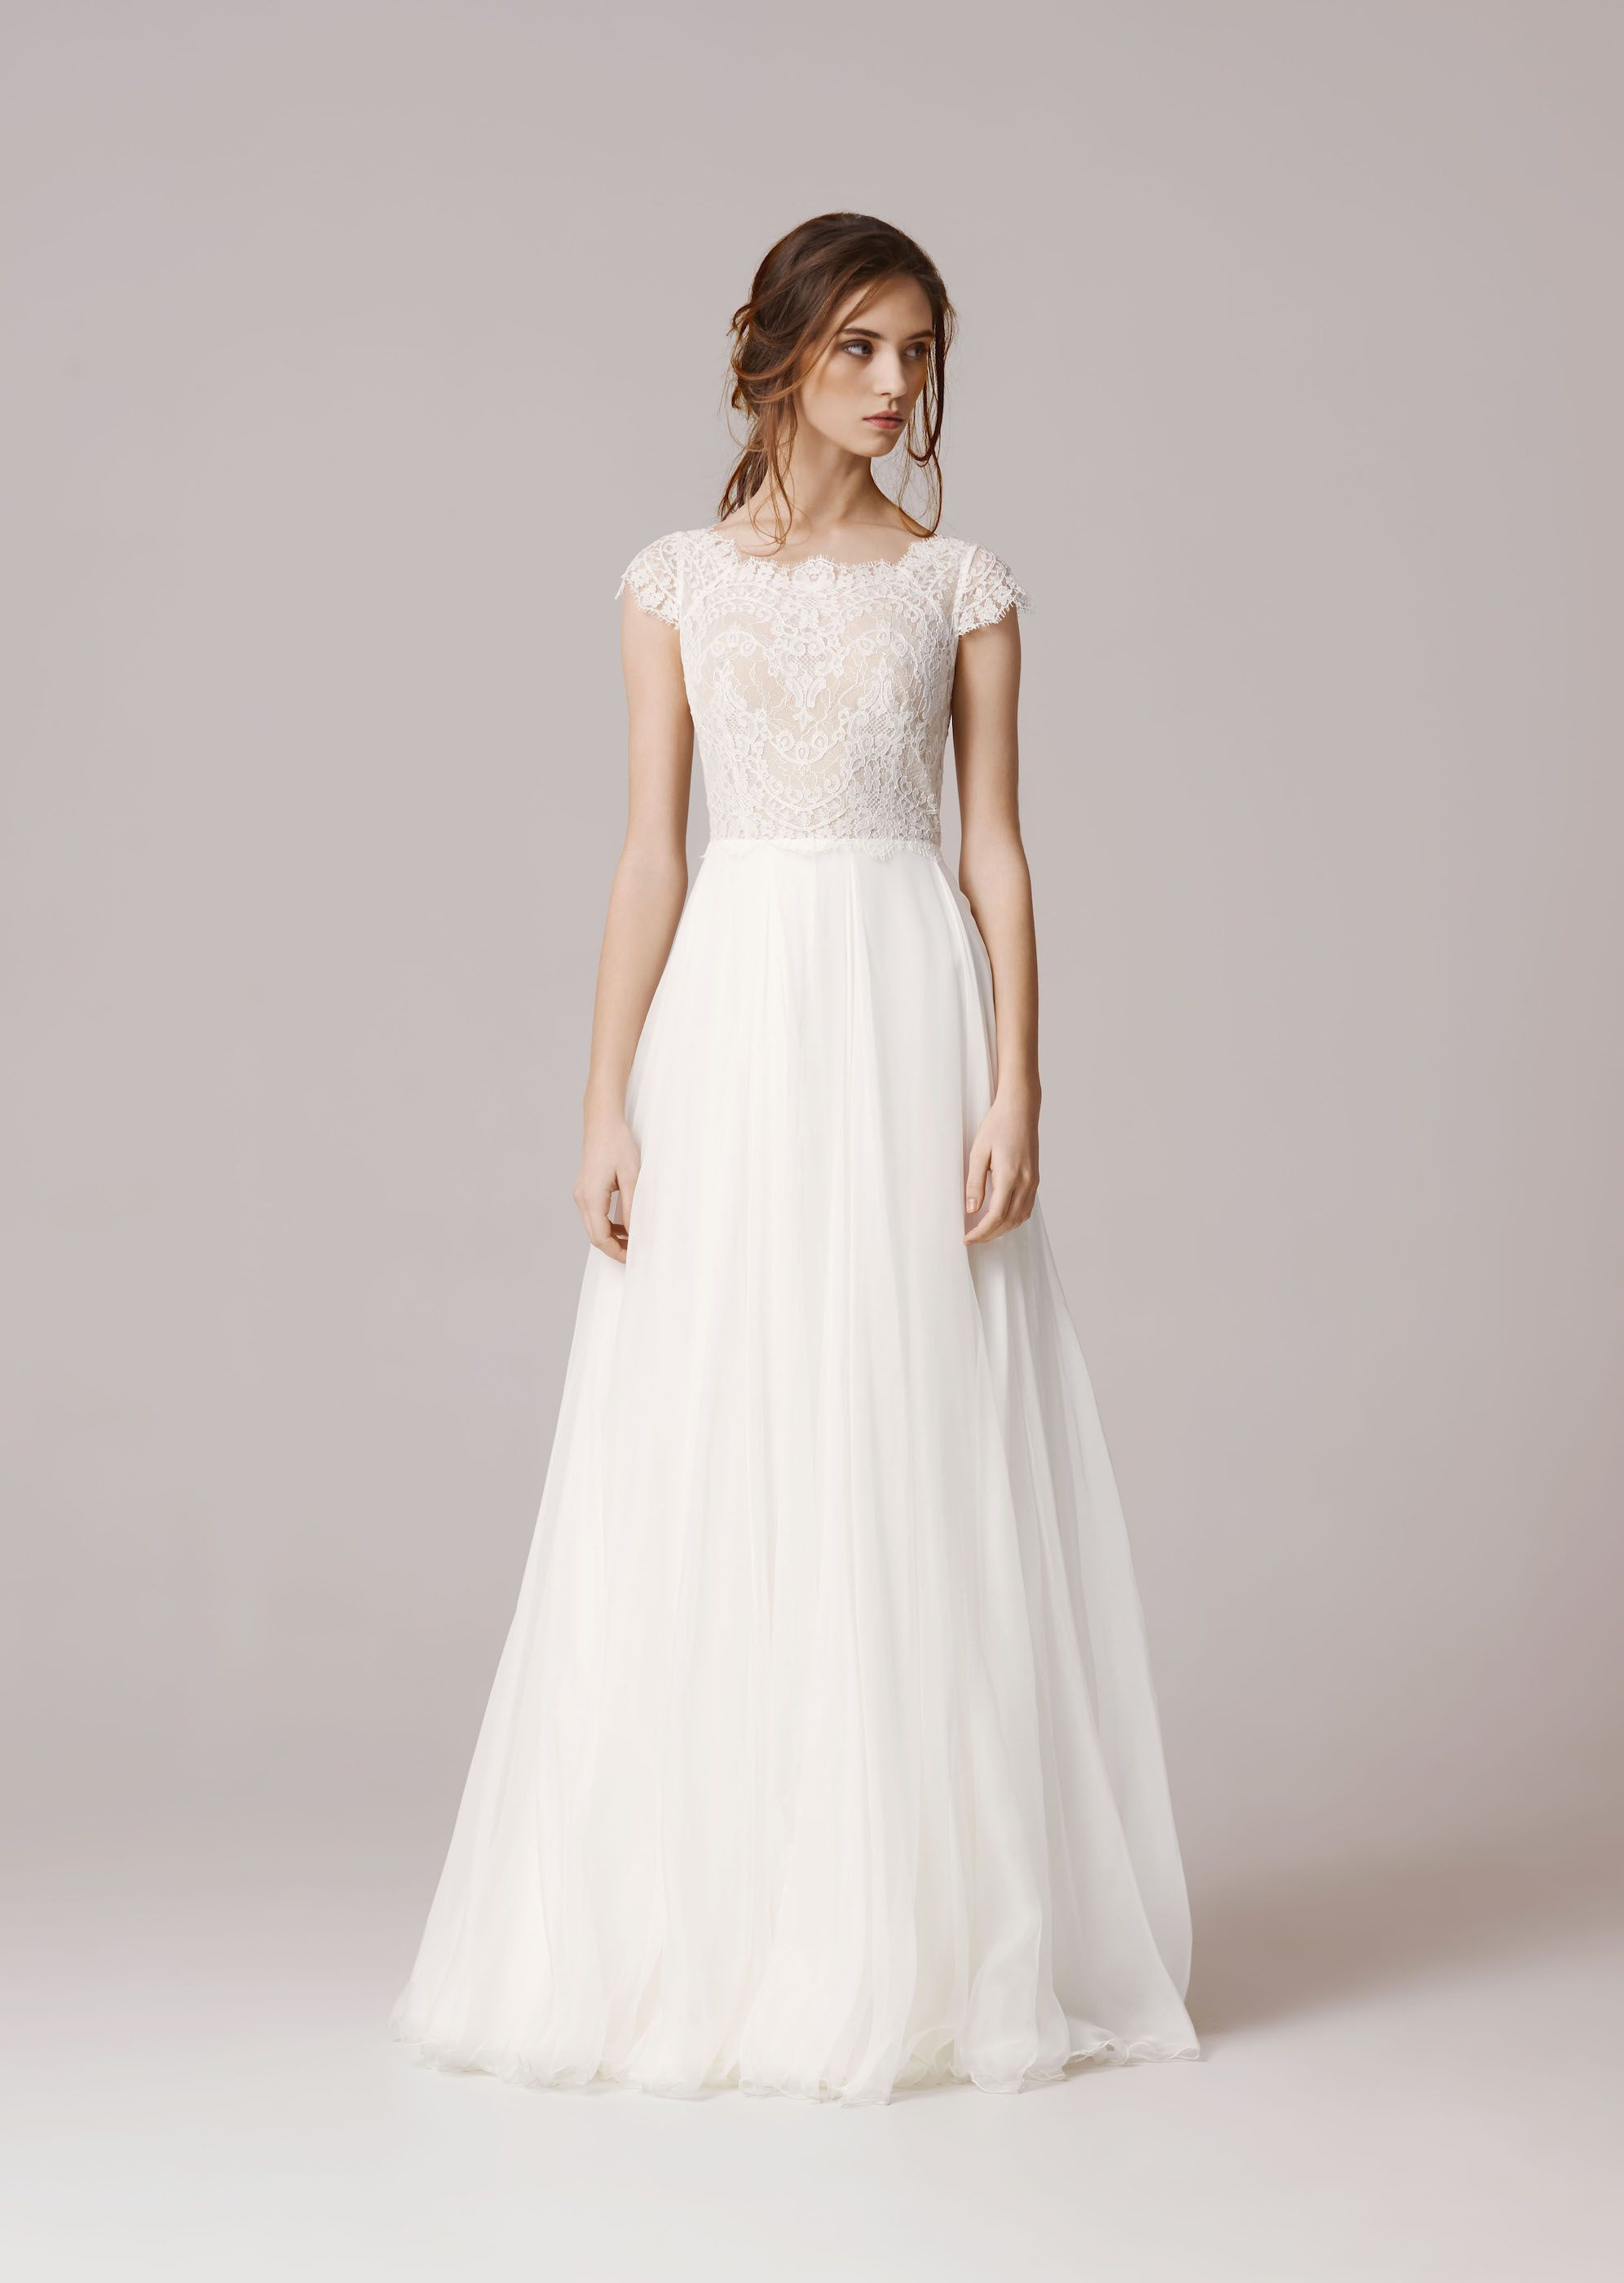 Anna Kara – THEA front - costs 1900 Euros | Hochzeit | Pinterest ...